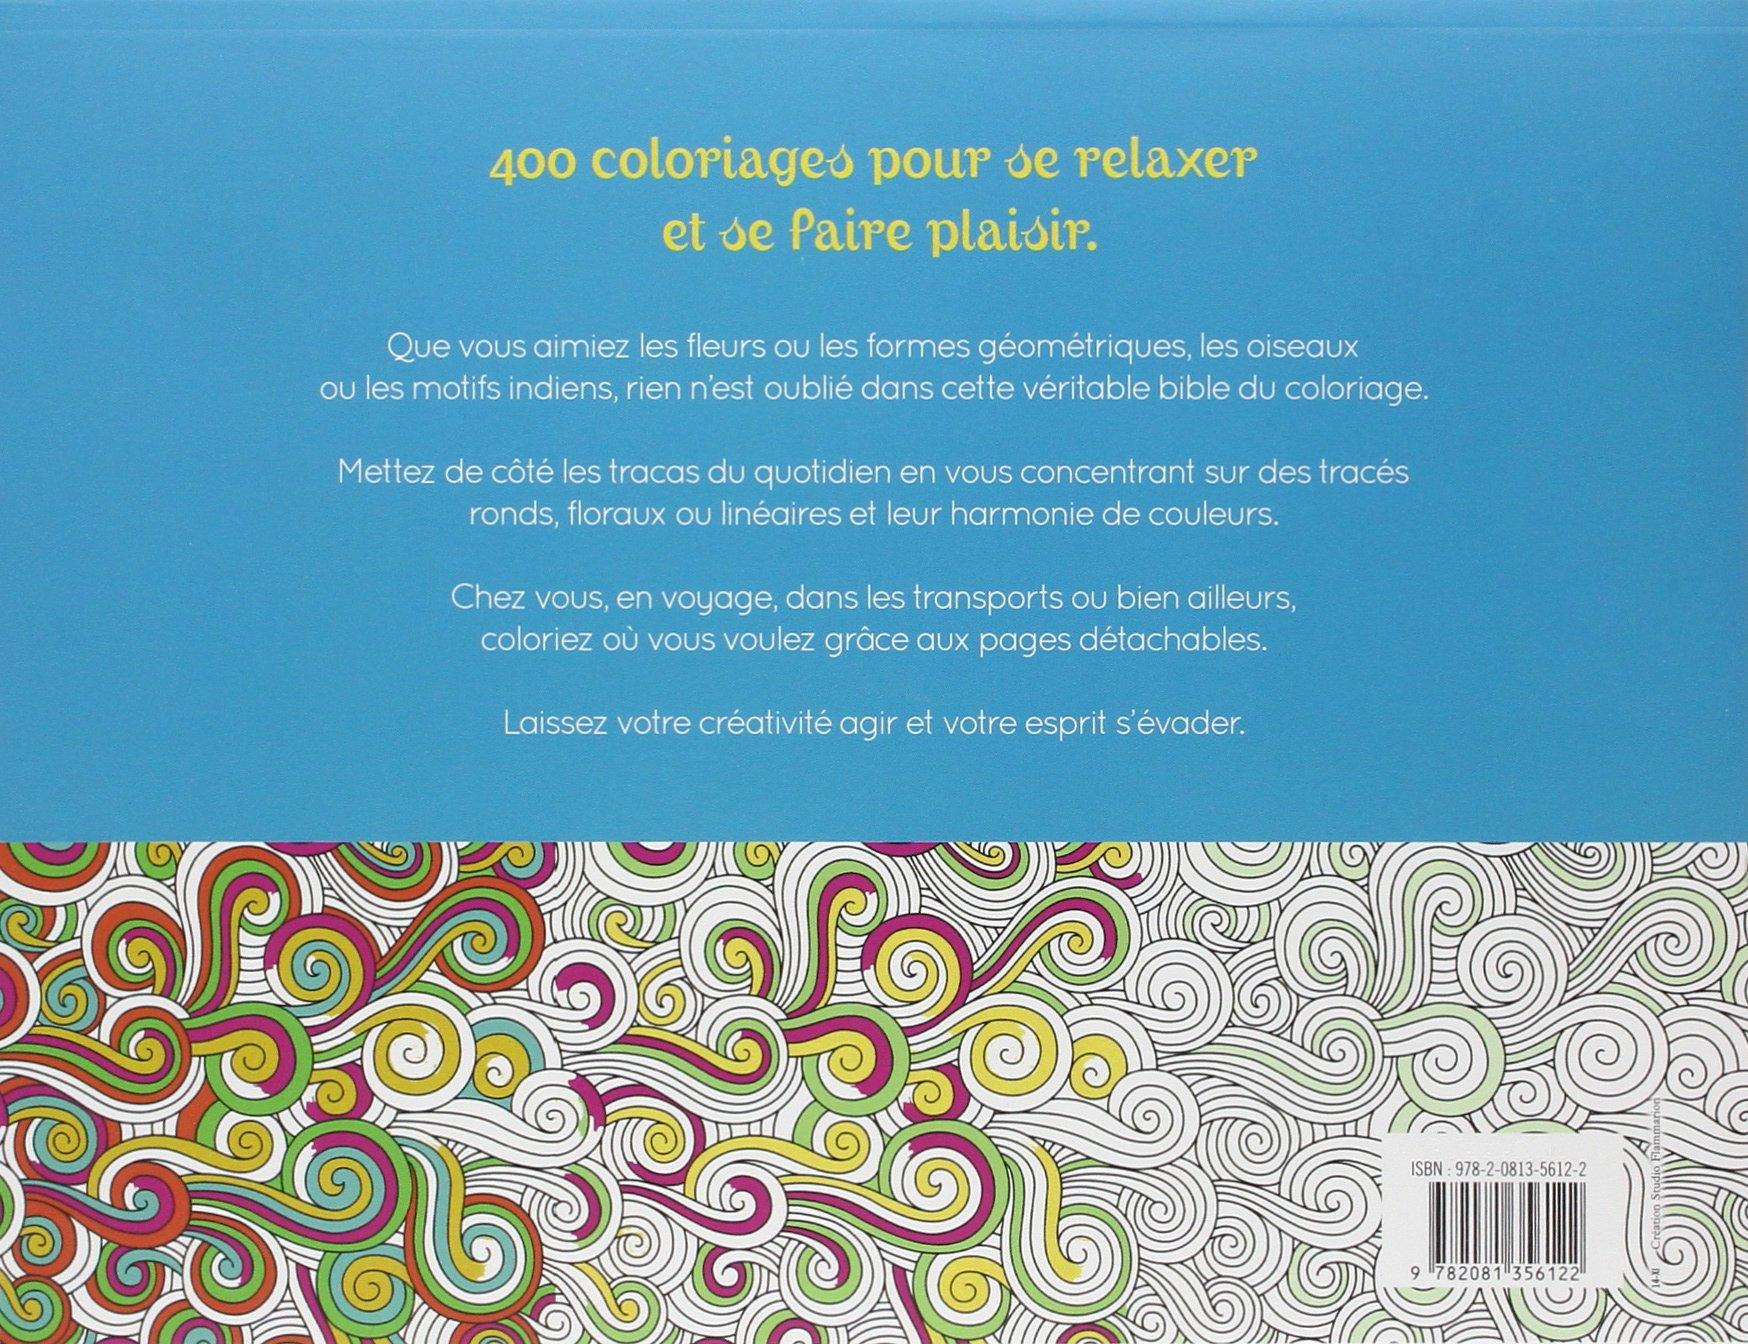 Amazon Couleurs thérapie 400 coloriages de relaxation Flammarion Livres